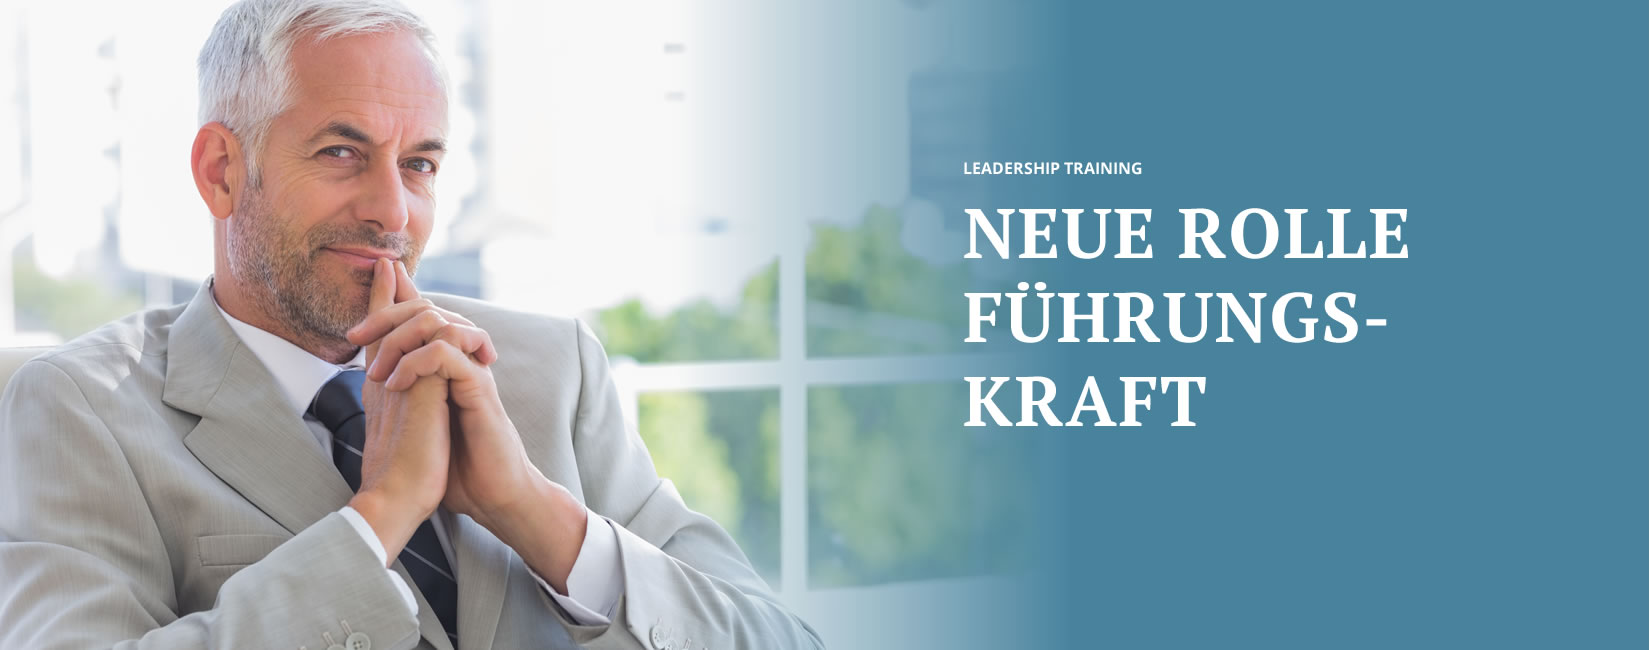 fuehrungskraefte training header